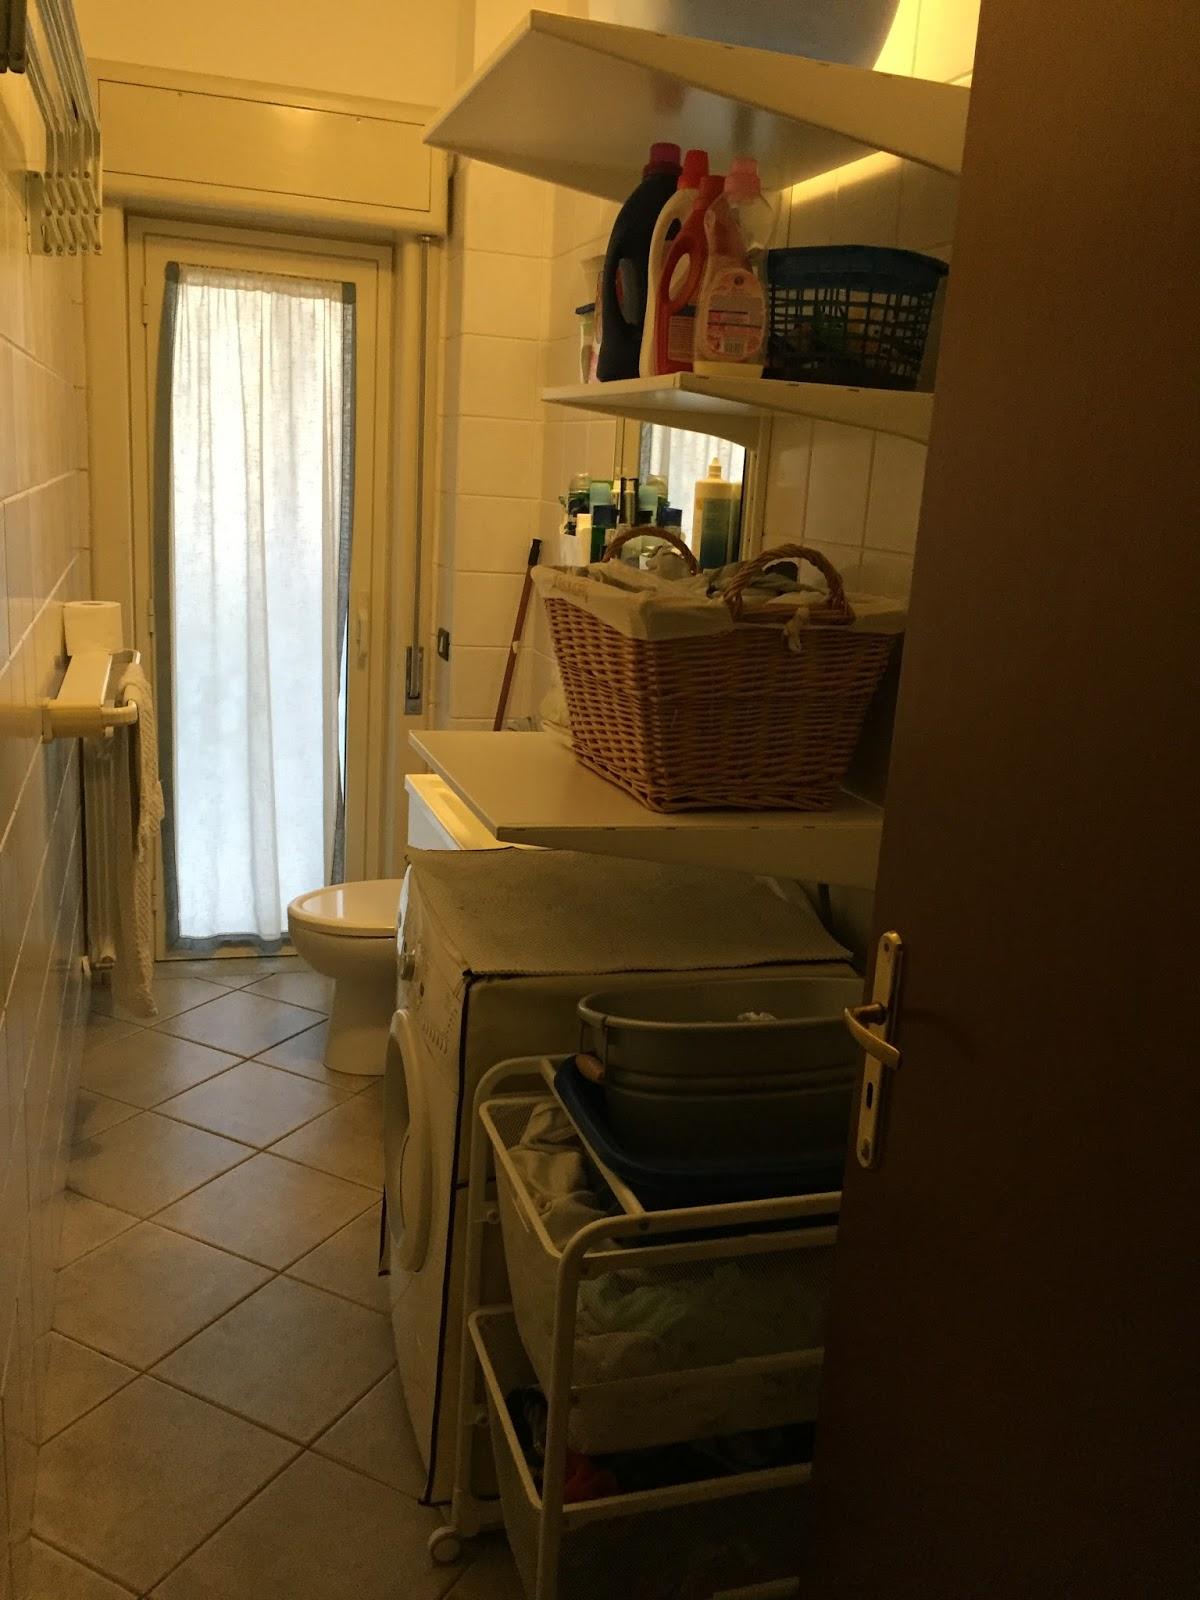 Soluzione per organizzare la lavanderia di casa soluzioni per casa - Soluzione umidita casa ...